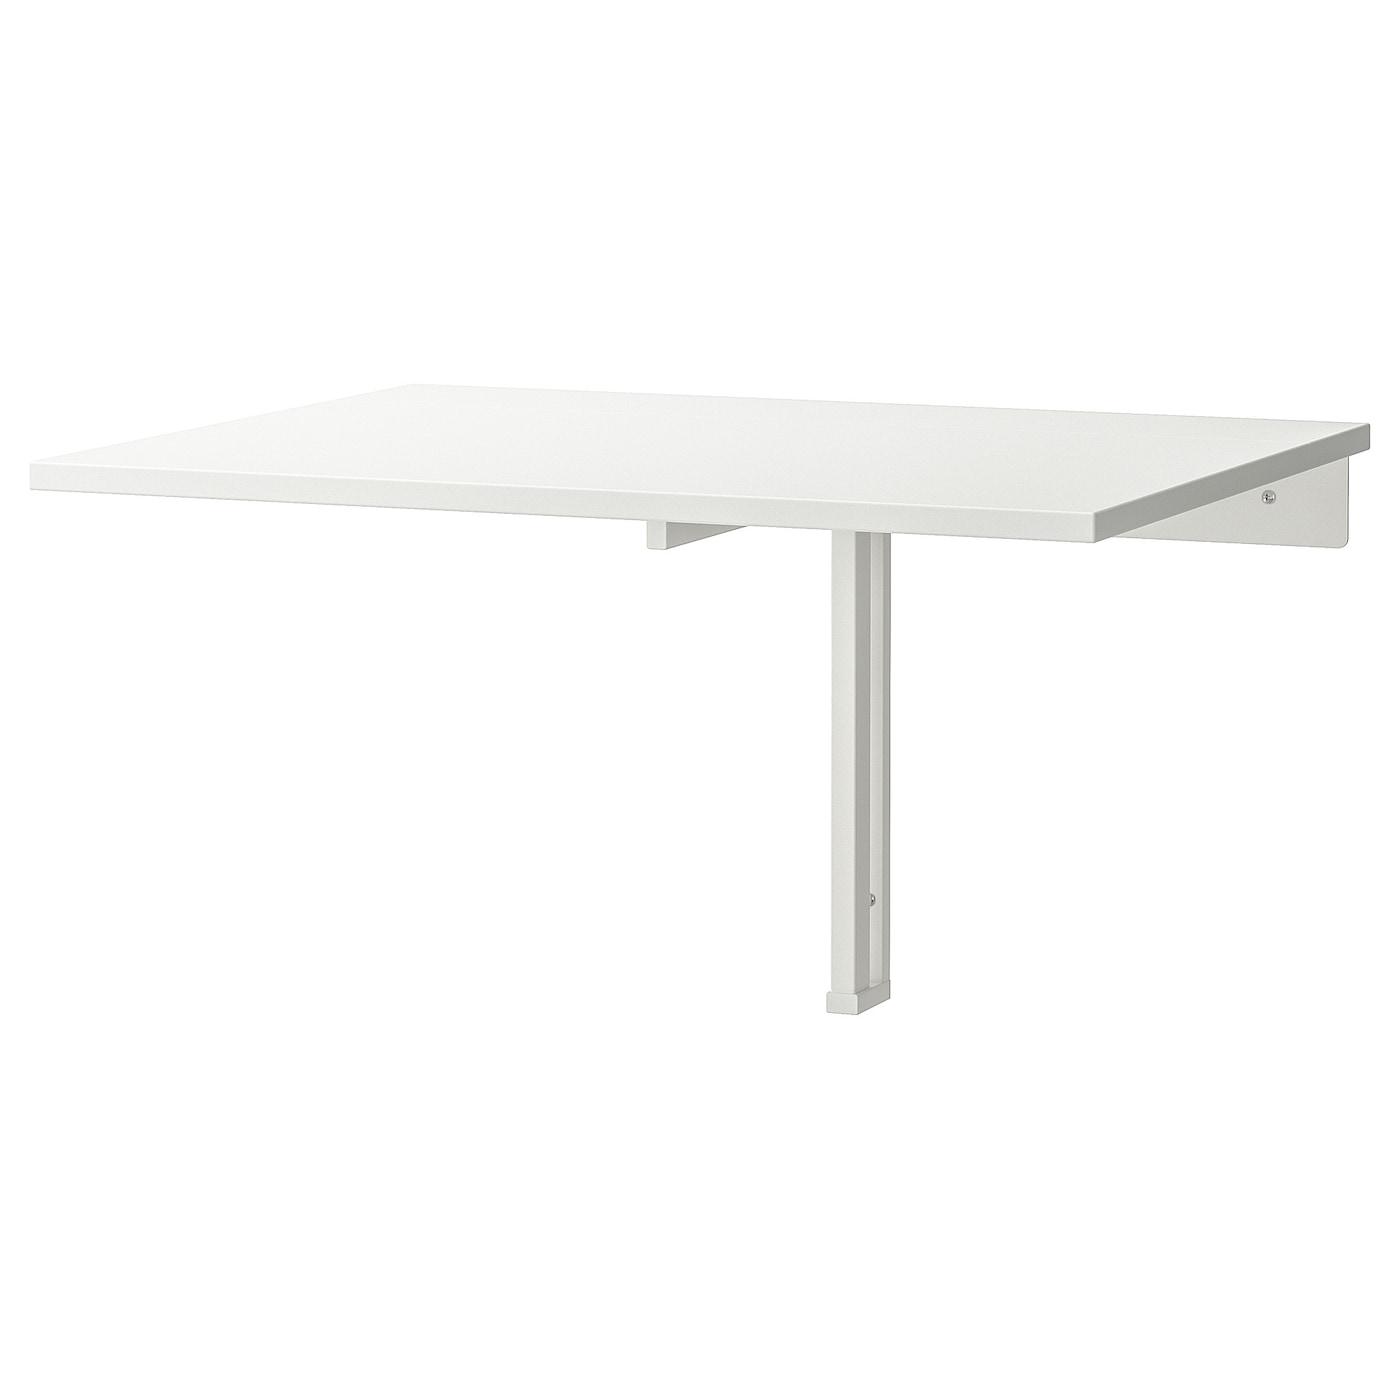 IKEA NORBERG biały, składany stolik ścienny, 74x60 cm